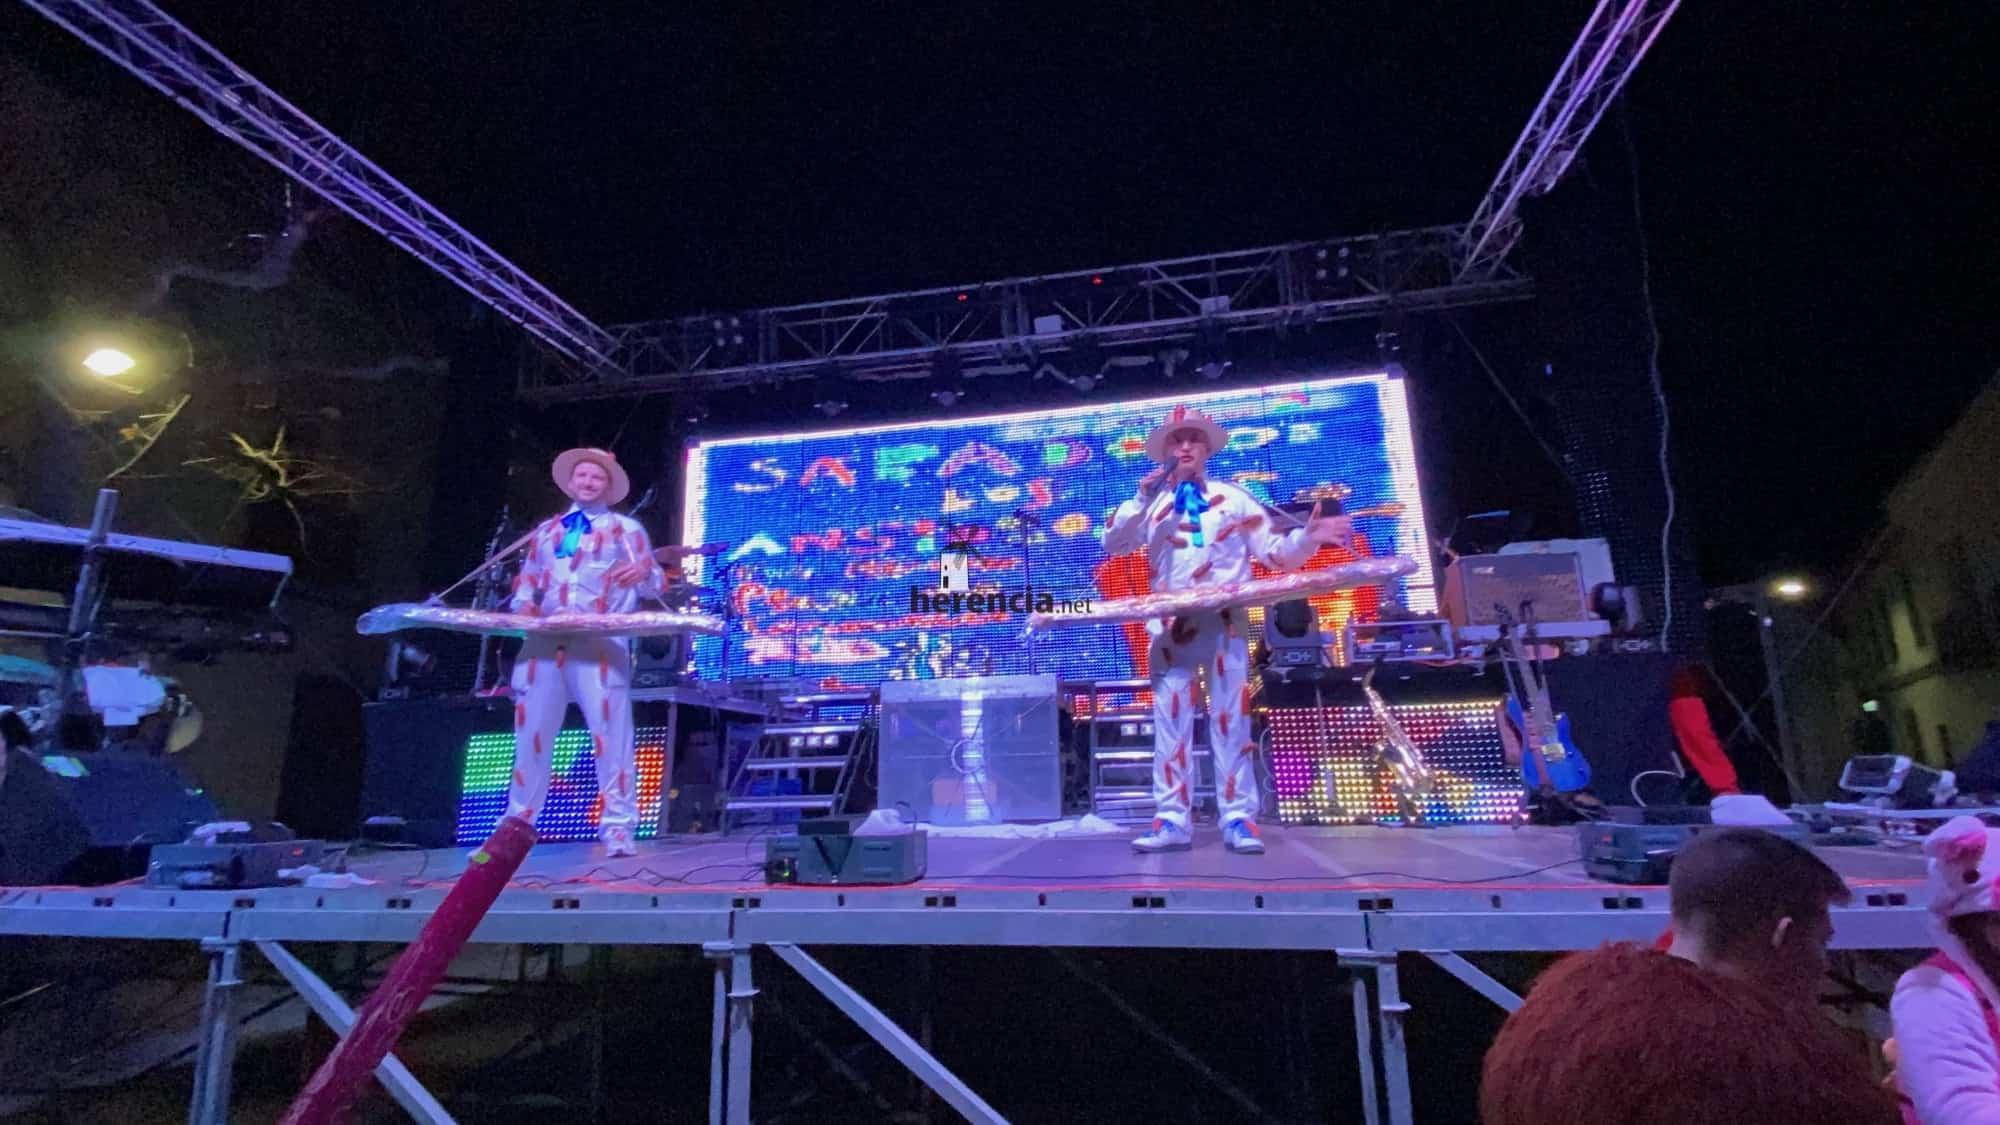 Inaugurado el Carnaval de Herencia 2020 con el Sábado de los Ansiosos 26